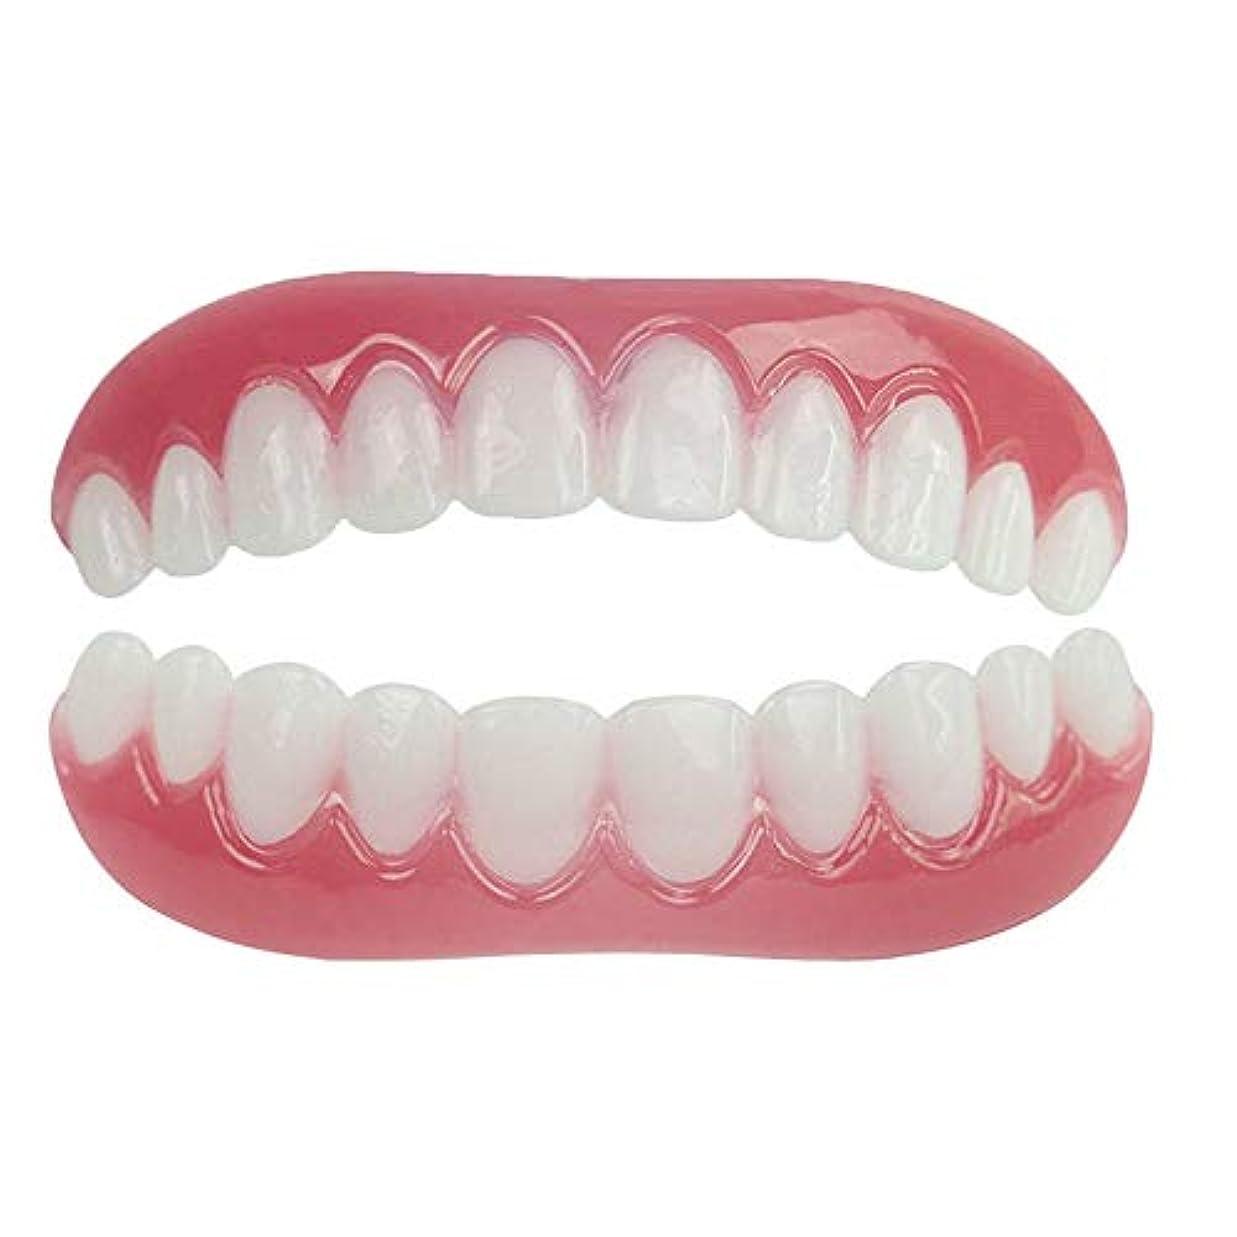 第九問い合わせ豊富にシリコンシミュレーションの上下の義歯スリーブ、歯科用ベニヤホワイトニングティーセット(2セット),Boxed,UpperLower